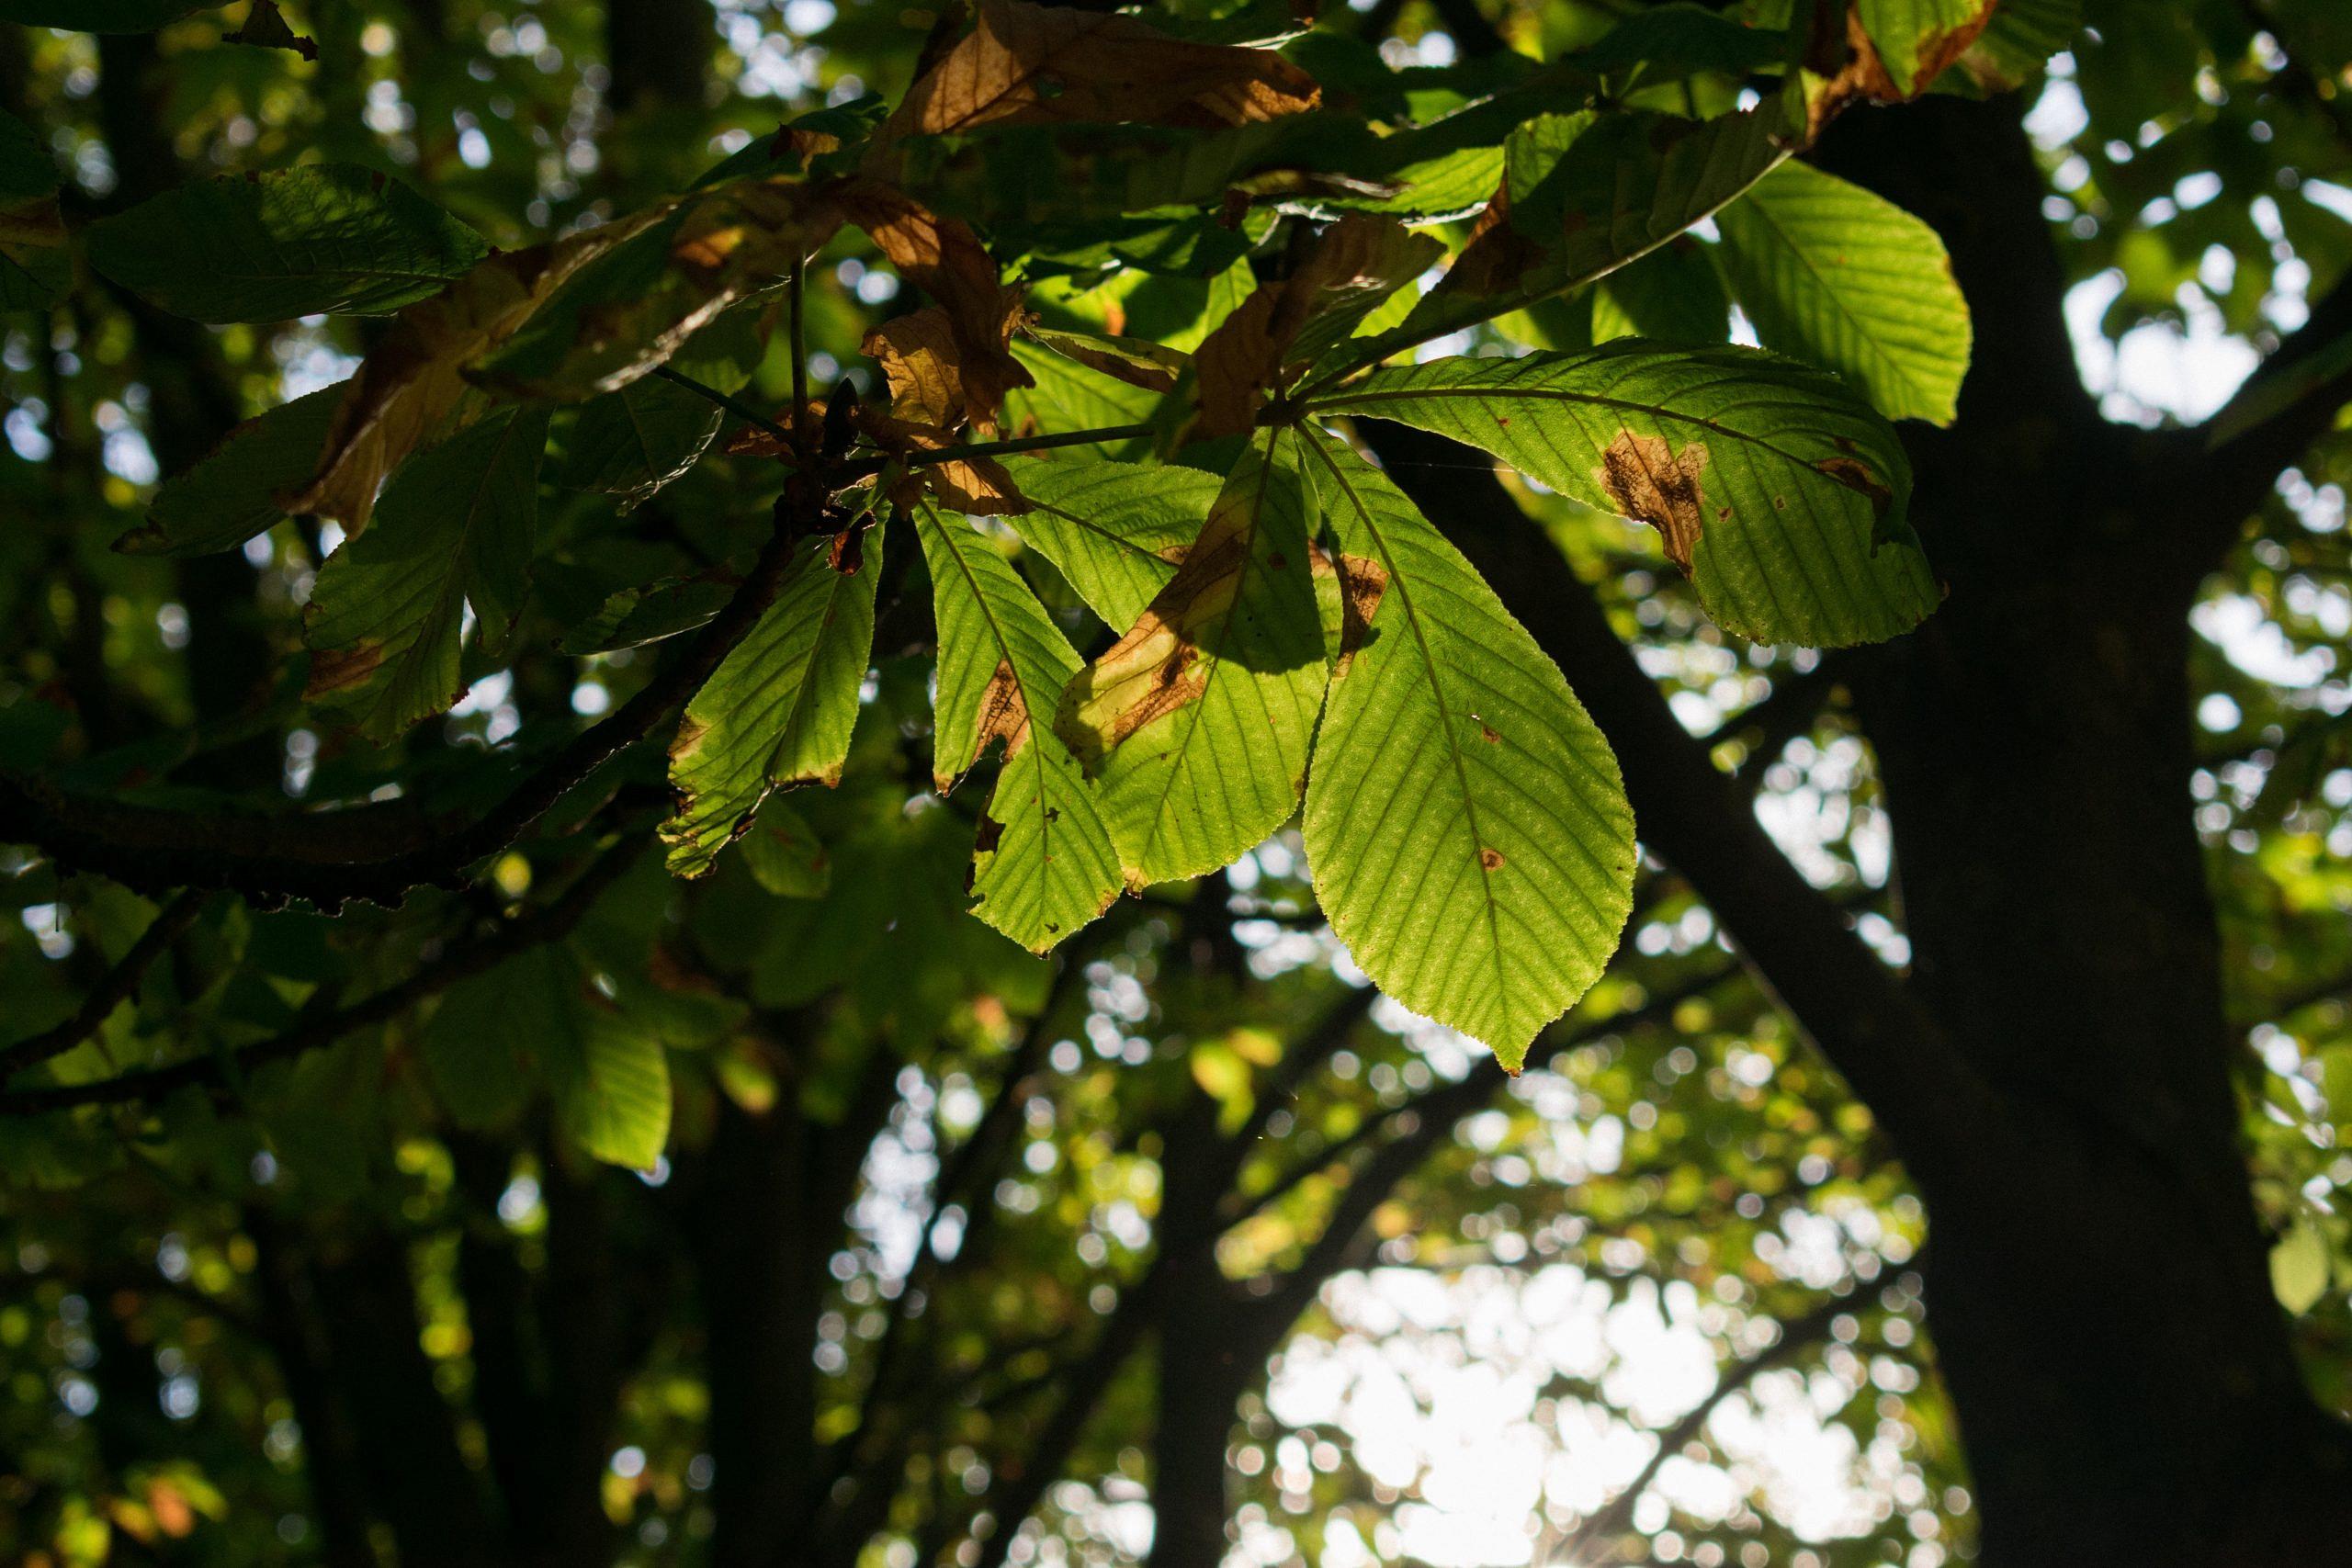 Unsere Bäume – Die Rosskastanie (Aesculus hippocastanum)